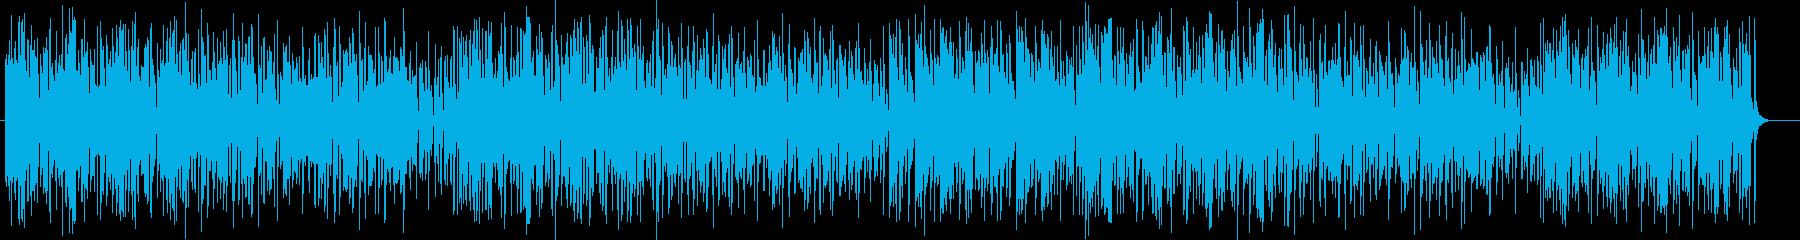 明るく軽やかなシンセサイザーポップスの再生済みの波形